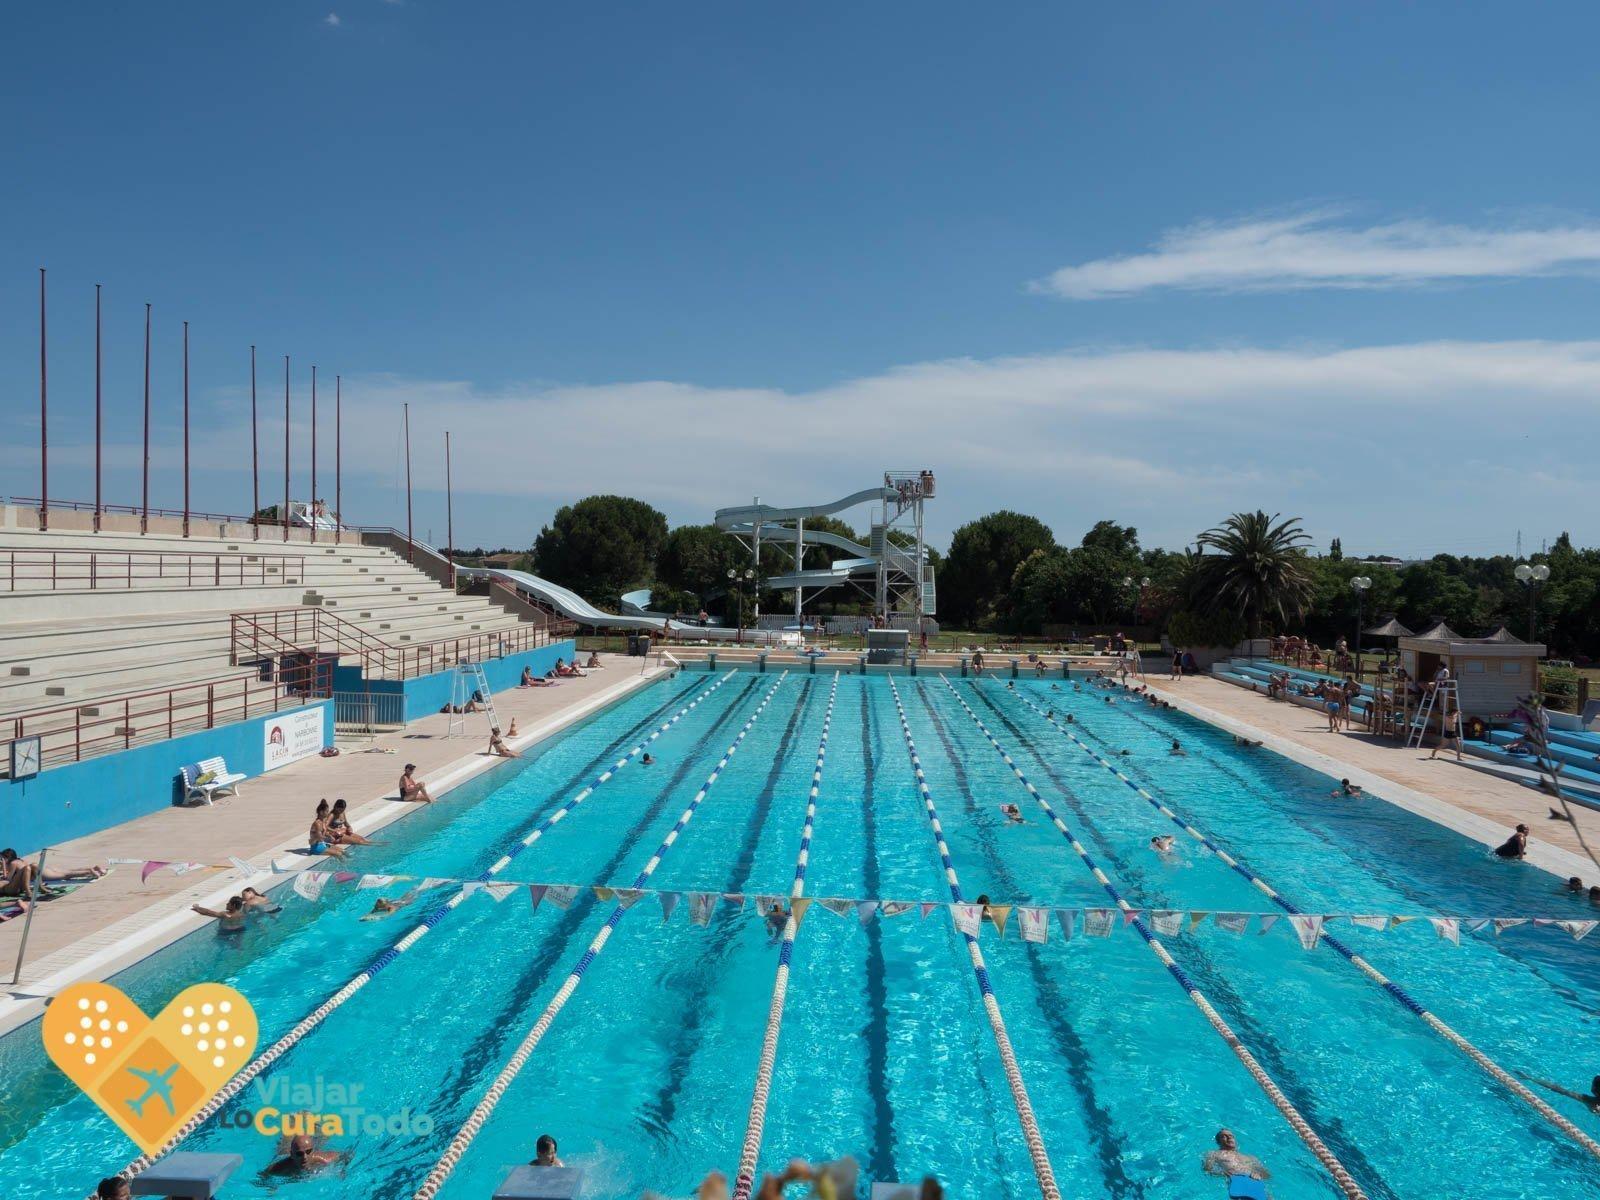 piscine rond point liberté